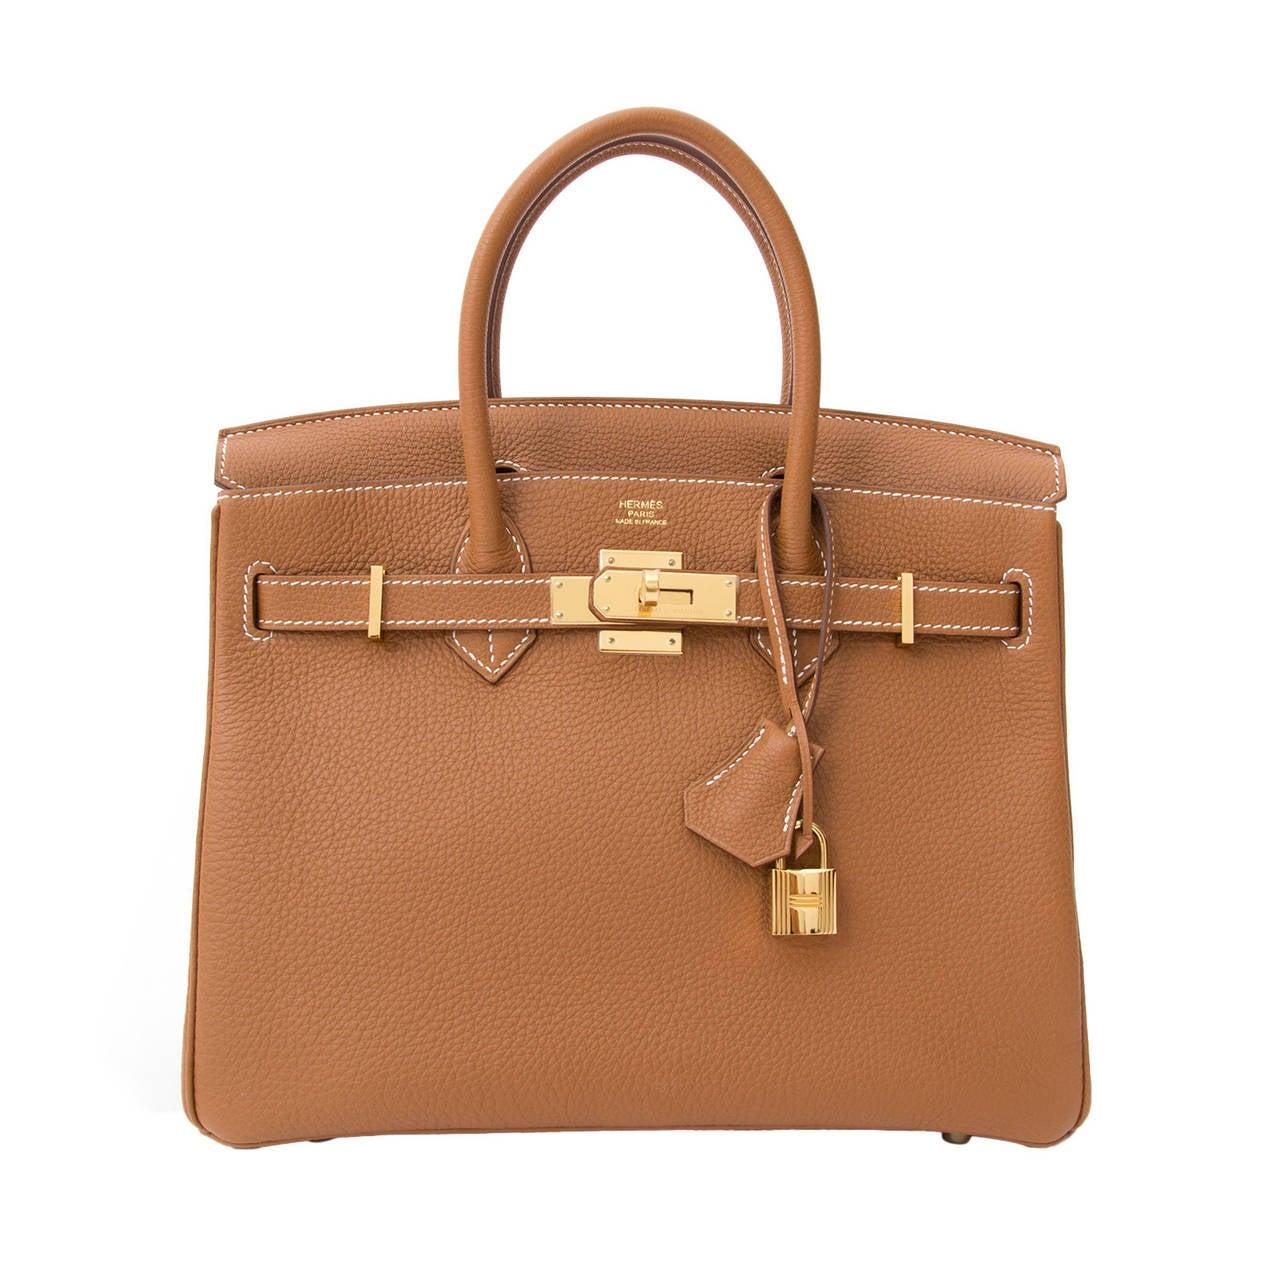 Hermès Birkin Gold Togo 30 GHW 1